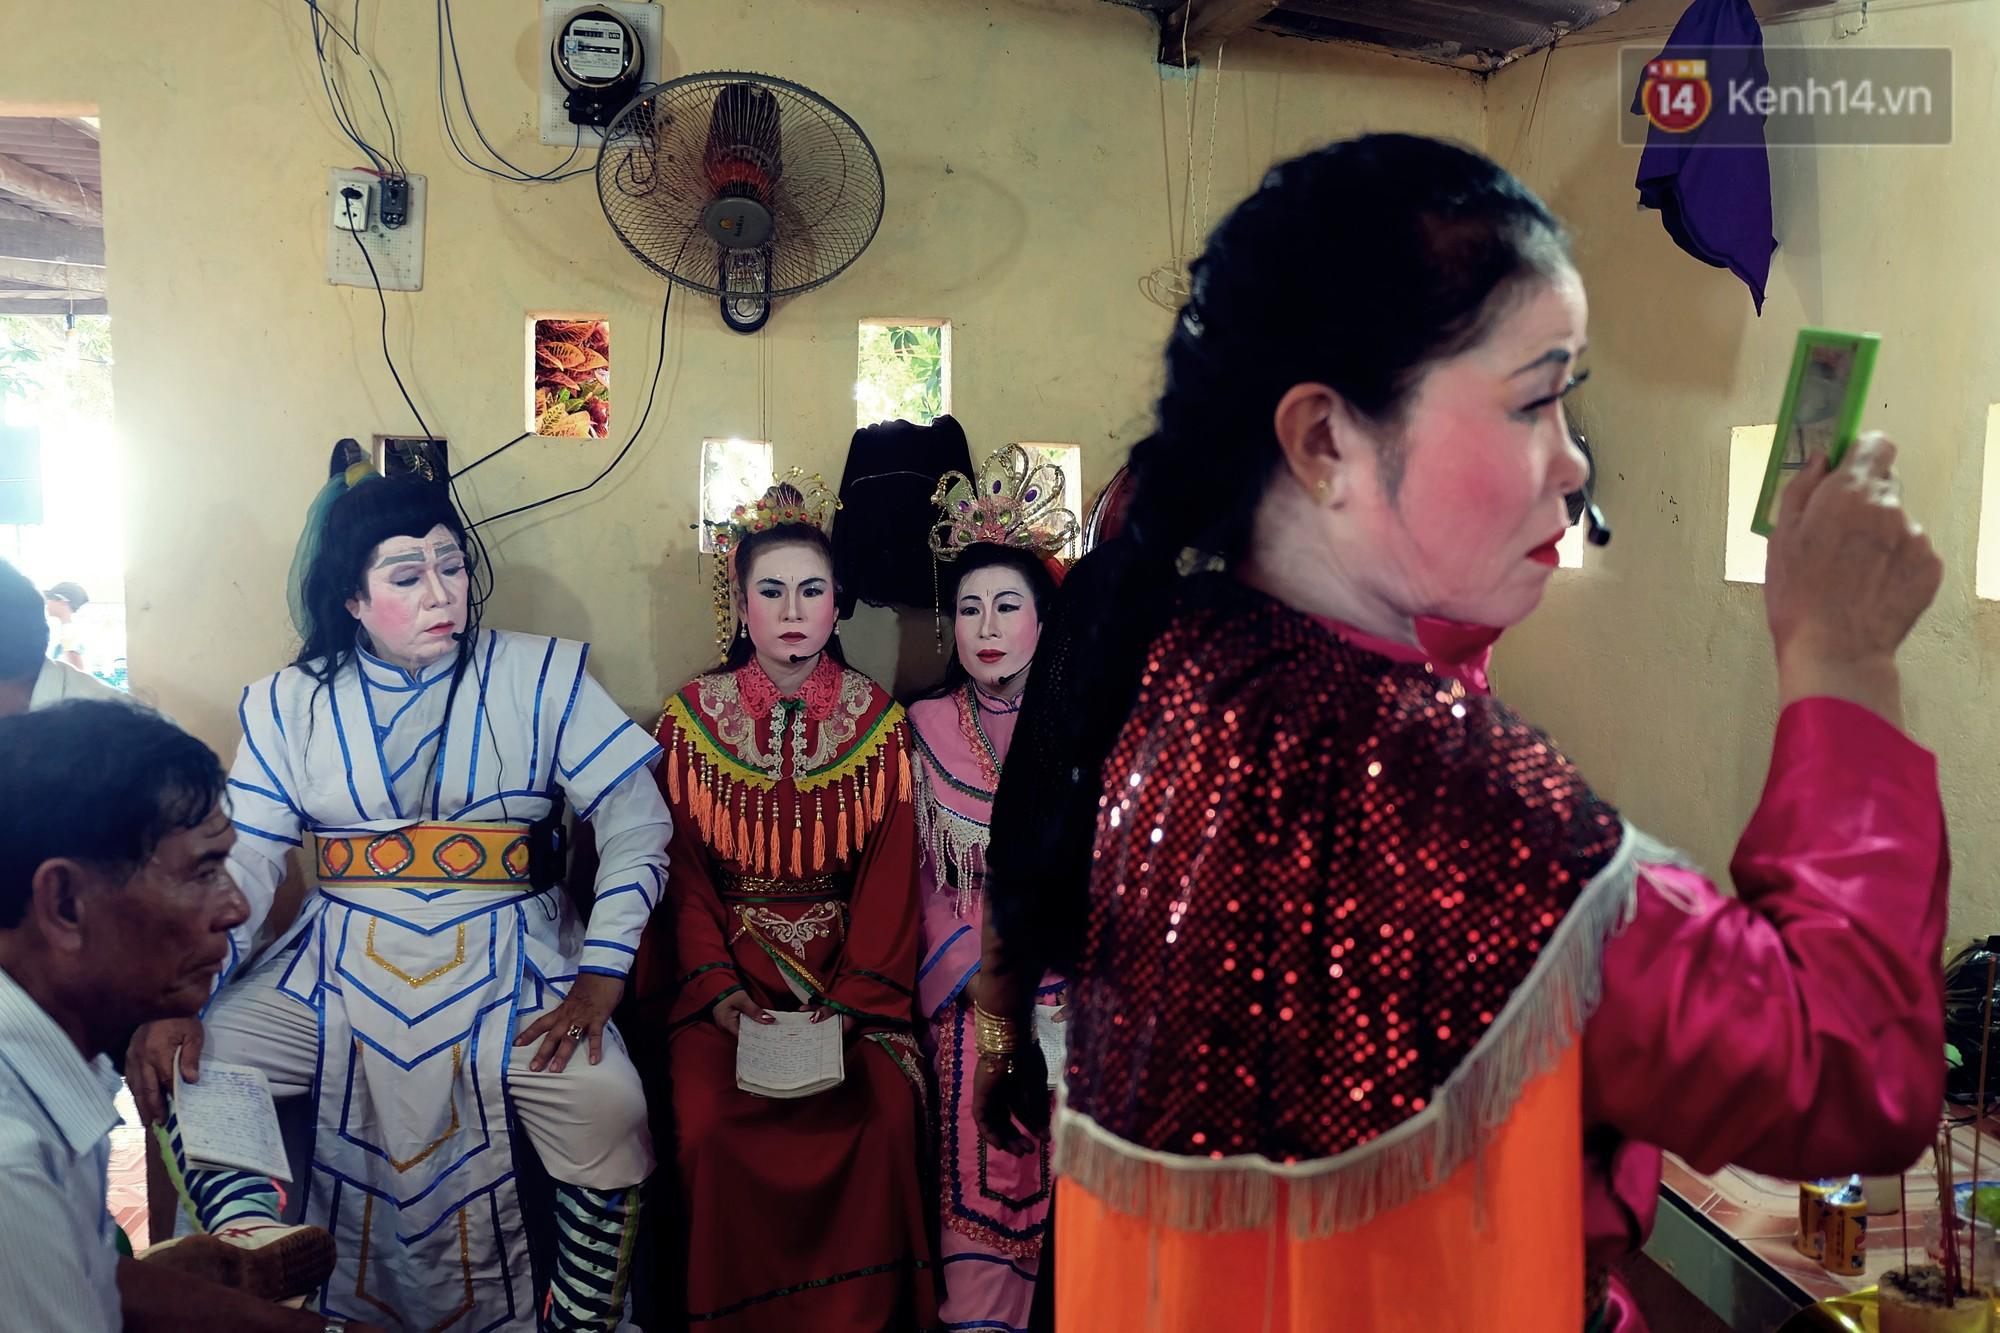 Gánh hát bội trăm tuổi trên đảo Phú Quý: Ngày thường chúng tôi là ngư dân đánh cá, bước lên sân khấu là nghệ sỹ - Ảnh 4.